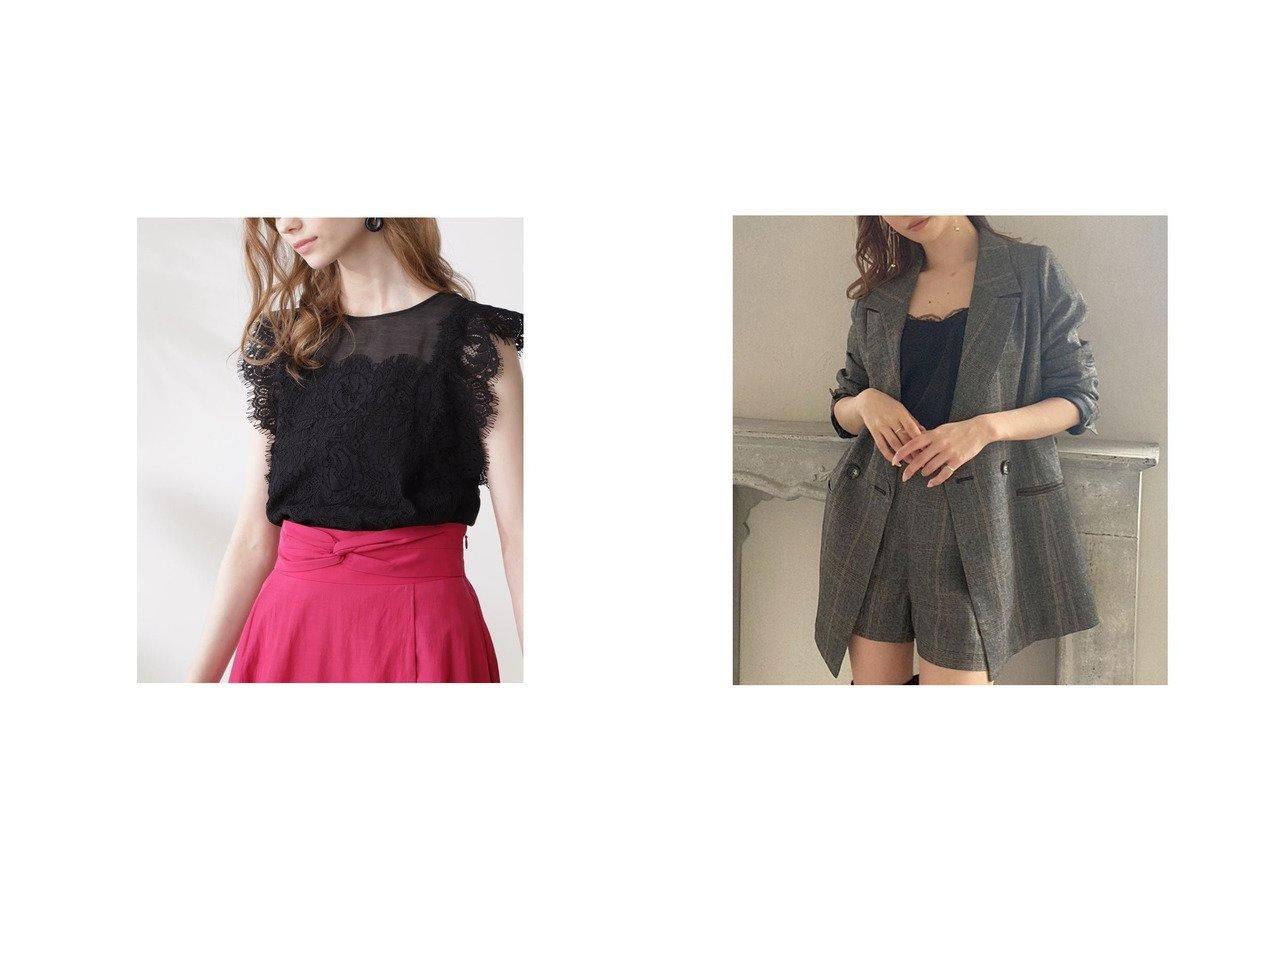 【Pinky&Dianne/ピンキーアンドダイアン】のレースコンビシアーブラウス&【RESEXXY/リゼクシー】のパイピングポイントジャケット おすすめ!人気、トレンド・レディースファッションの通販 おすすめで人気の流行・トレンド、ファッションの通販商品 インテリア・家具・メンズファッション・キッズファッション・レディースファッション・服の通販 founy(ファニー) https://founy.com/ ファッション Fashion レディースファッション WOMEN トップス・カットソー Tops/Tshirt シャツ/ブラウス Shirts/Blouses アウター Coat Outerwear ジャケット Jackets 2021年 2021 2021-2022秋冬・A/W AW・Autumn/Winter・FW・Fall-Winter・2021-2022 A/W・秋冬 AW・Autumn/Winter・FW・Fall-Winter インナー キャミソール スカラップ フェミニン ラッセル レース おすすめ Recommend セットアップ ワイド 人気 定番 Standard 春 Spring 秋 Autumn/Fall |ID:crp329100000068382